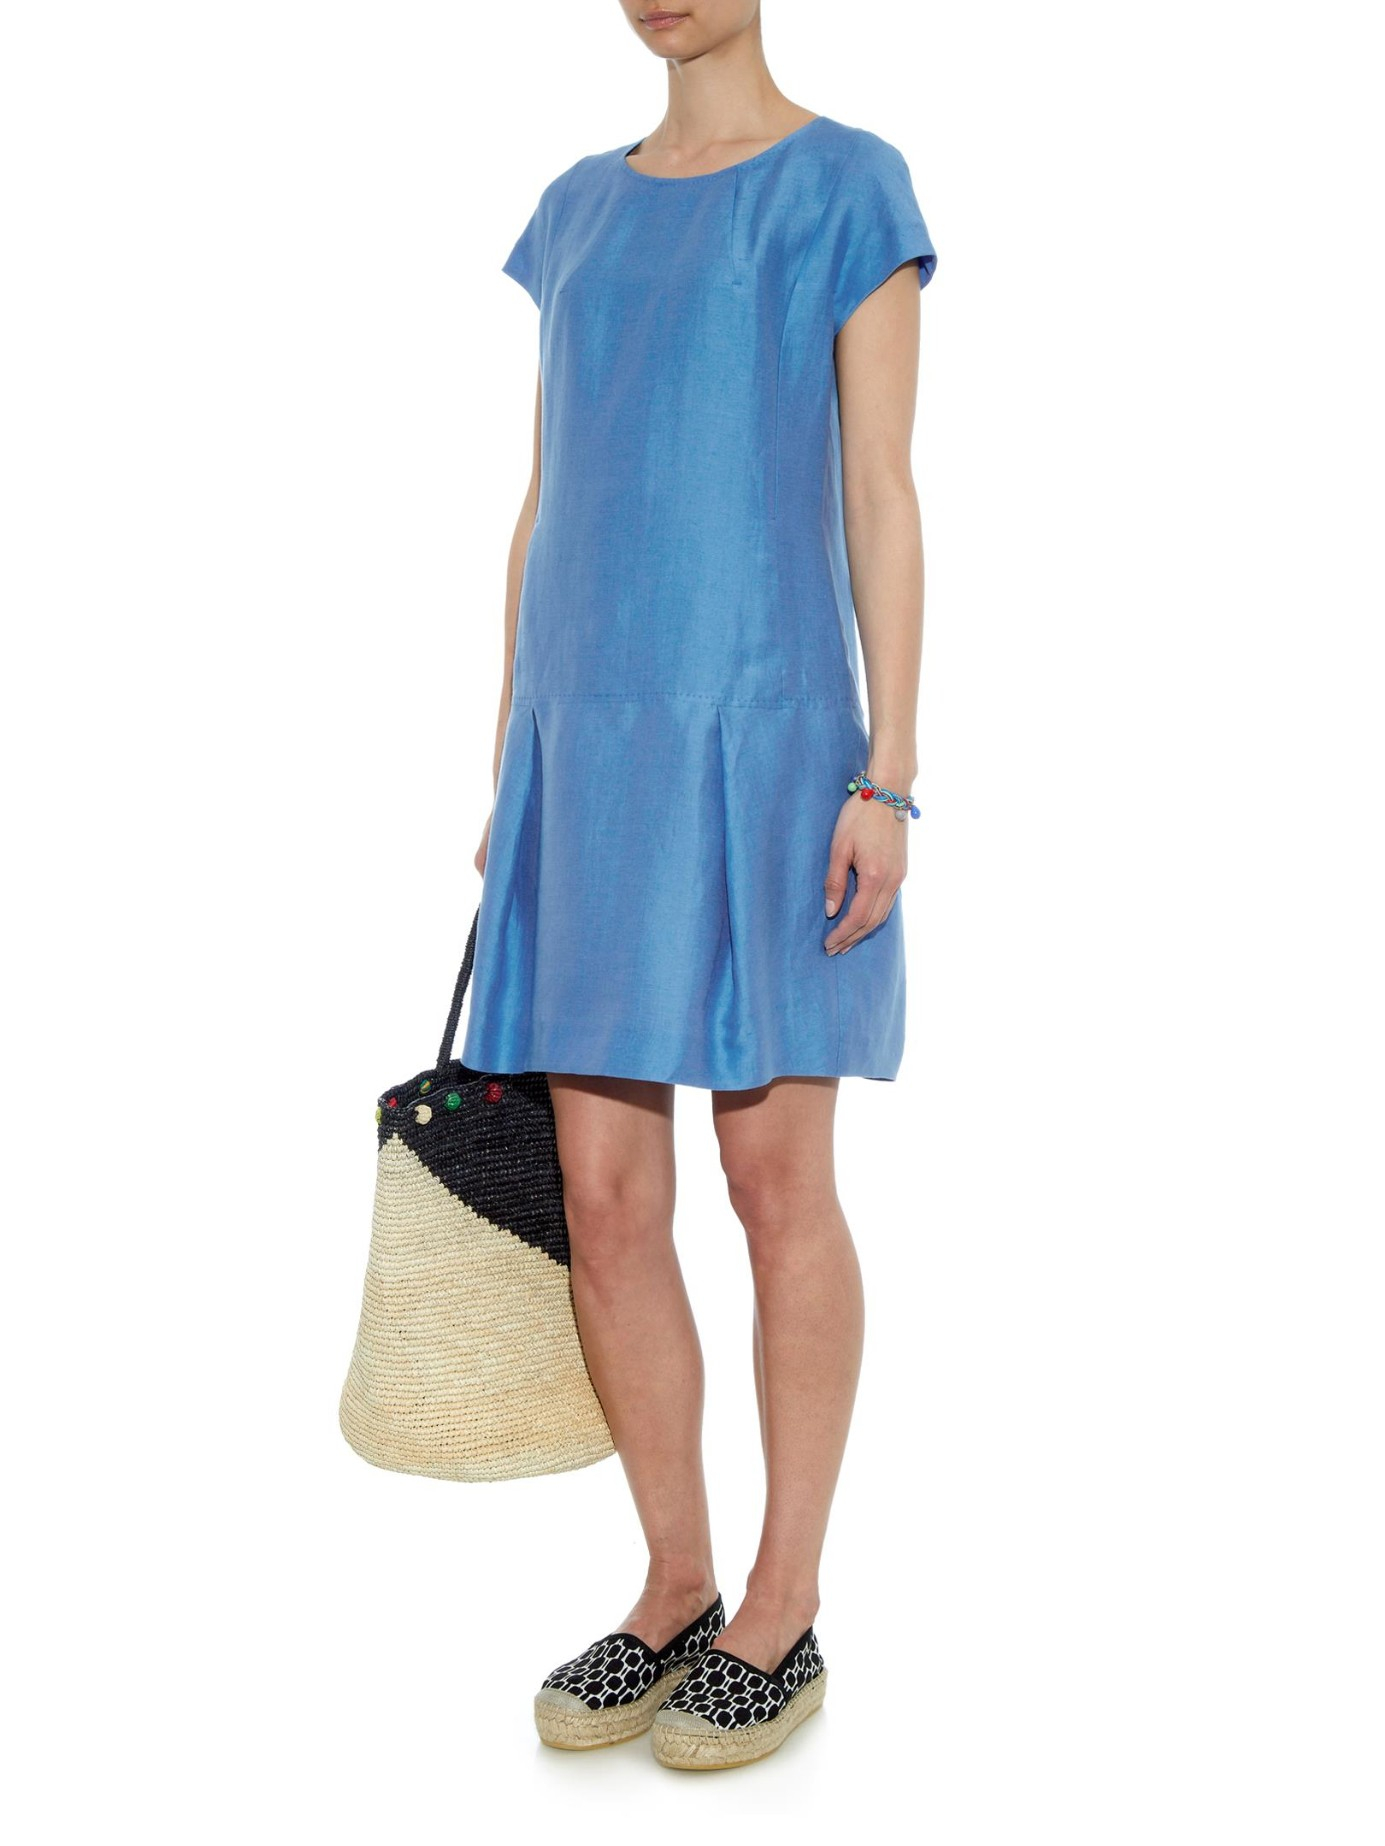 Tripoli Dress